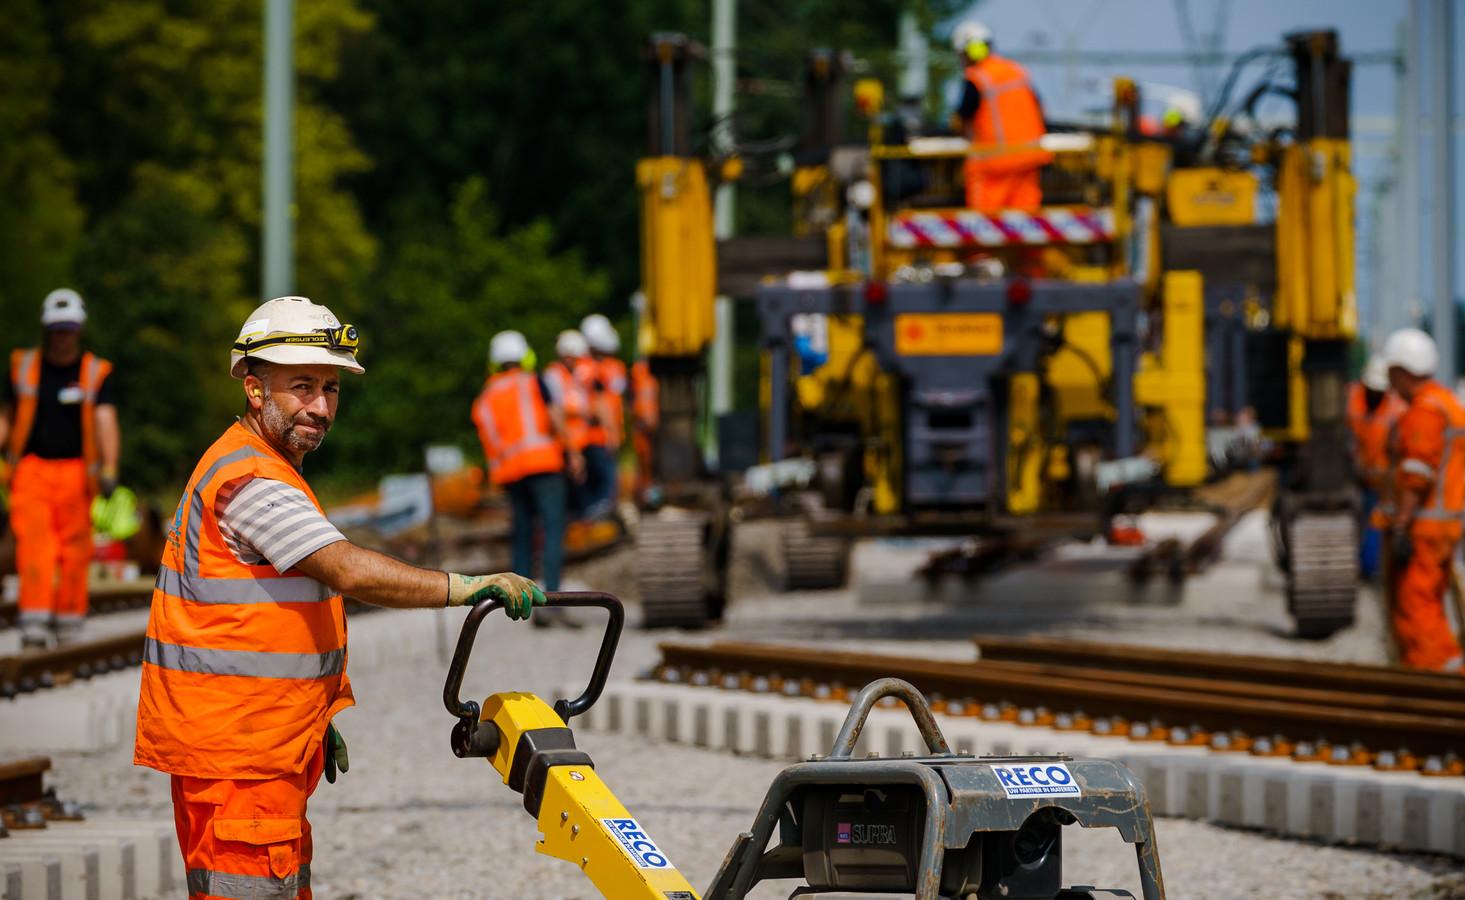 Werkzaamheden aan de metrolijn bij Pijnacker.